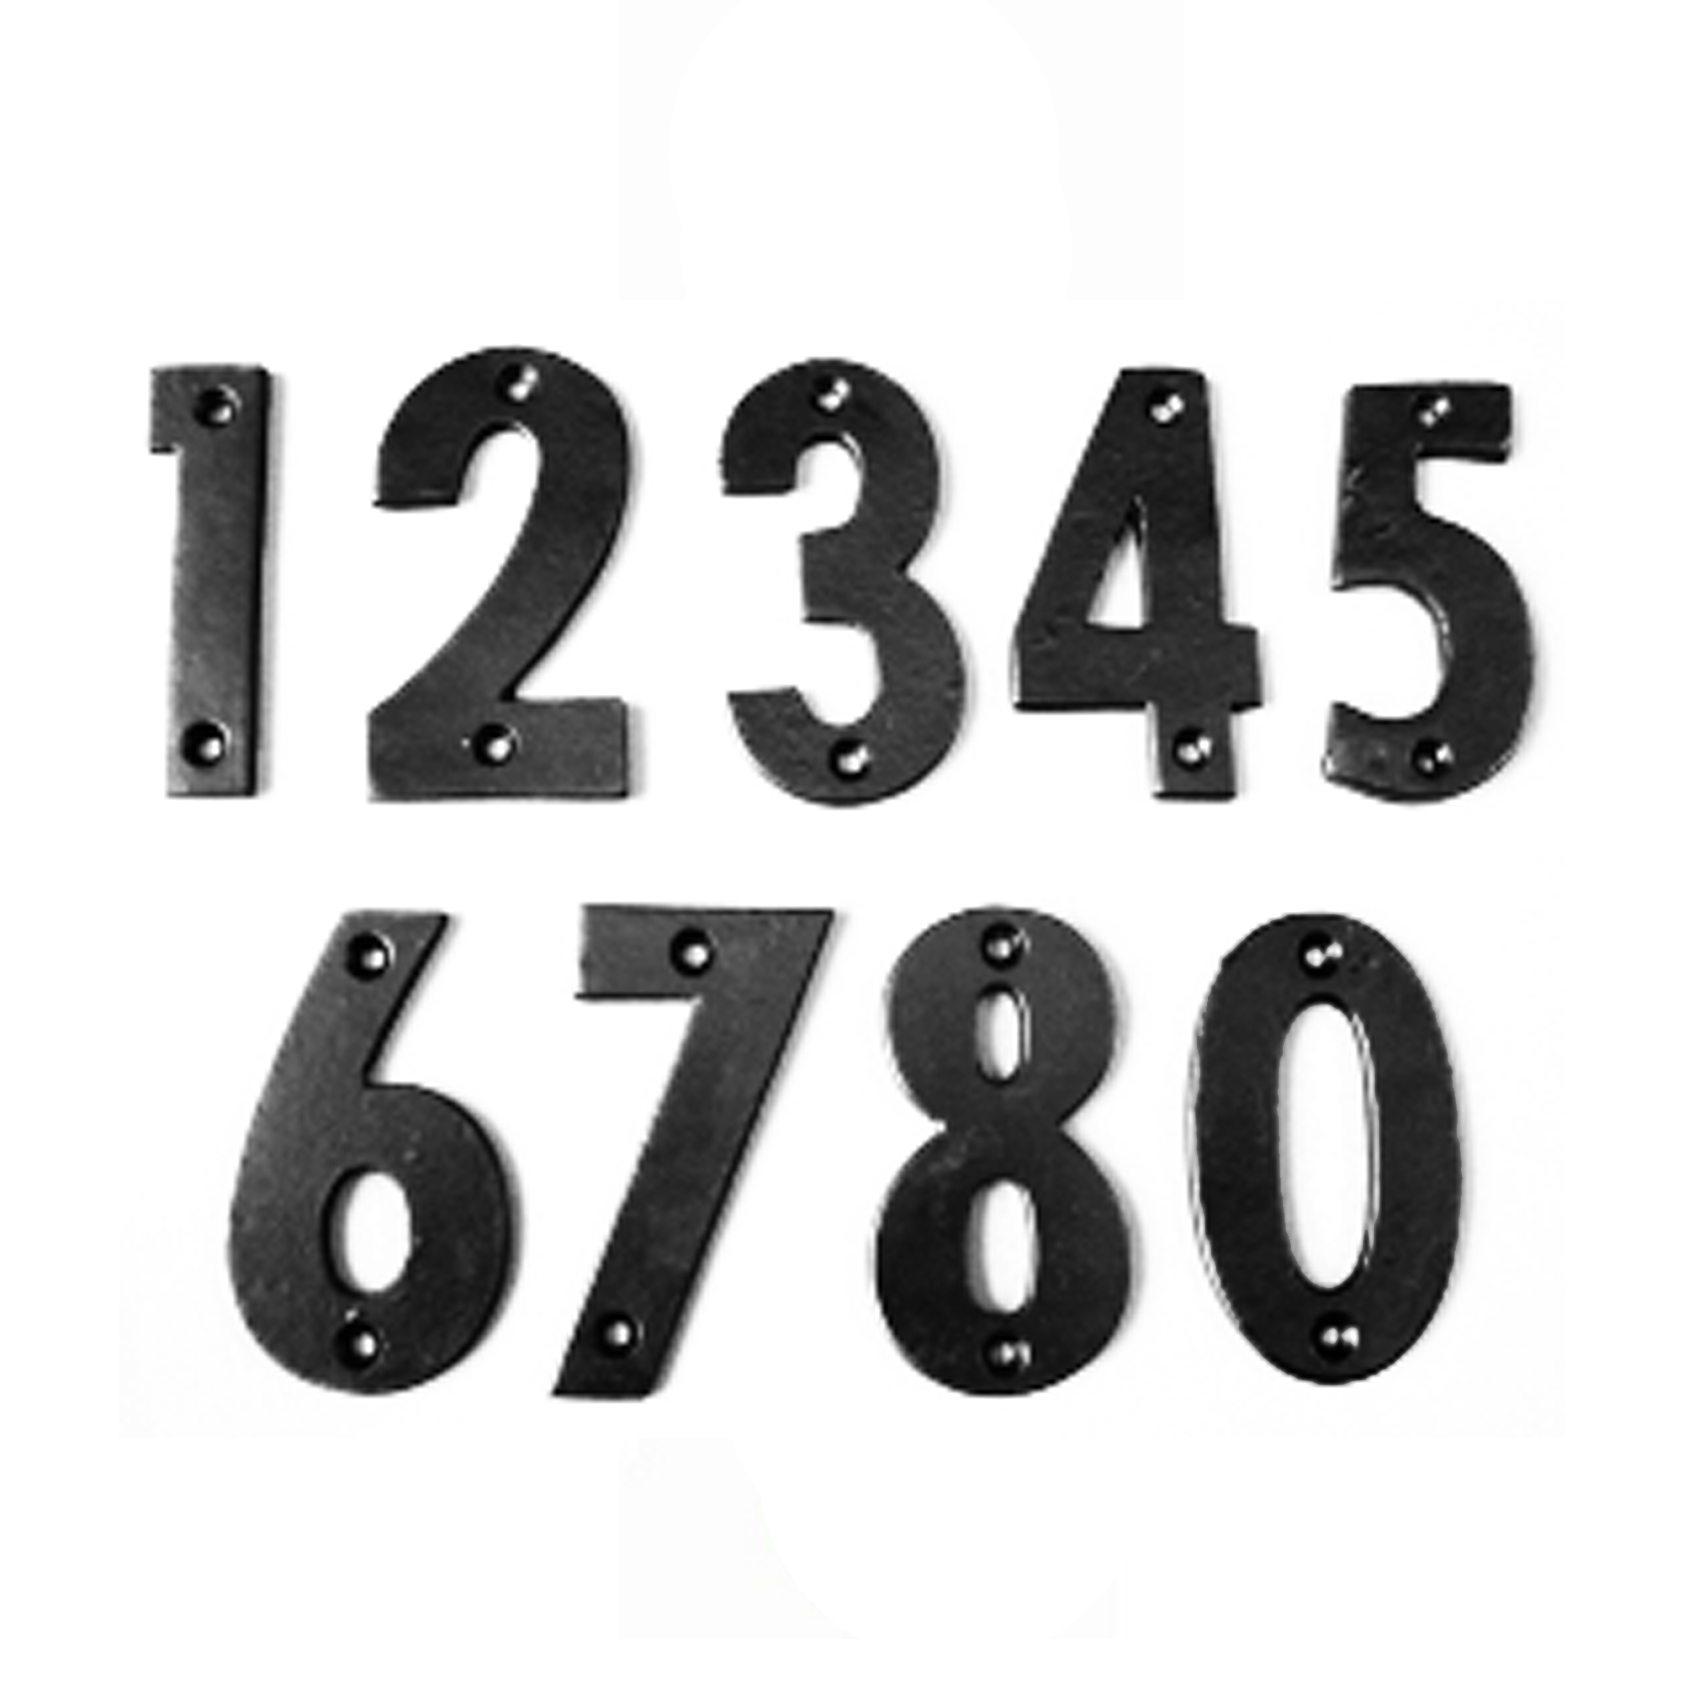 Antique Black Door Numbers  sc 1 st  Snobs Knobs & SnobsKnobs Antique Black Door Numbers - SnobsKnobs pezcame.com